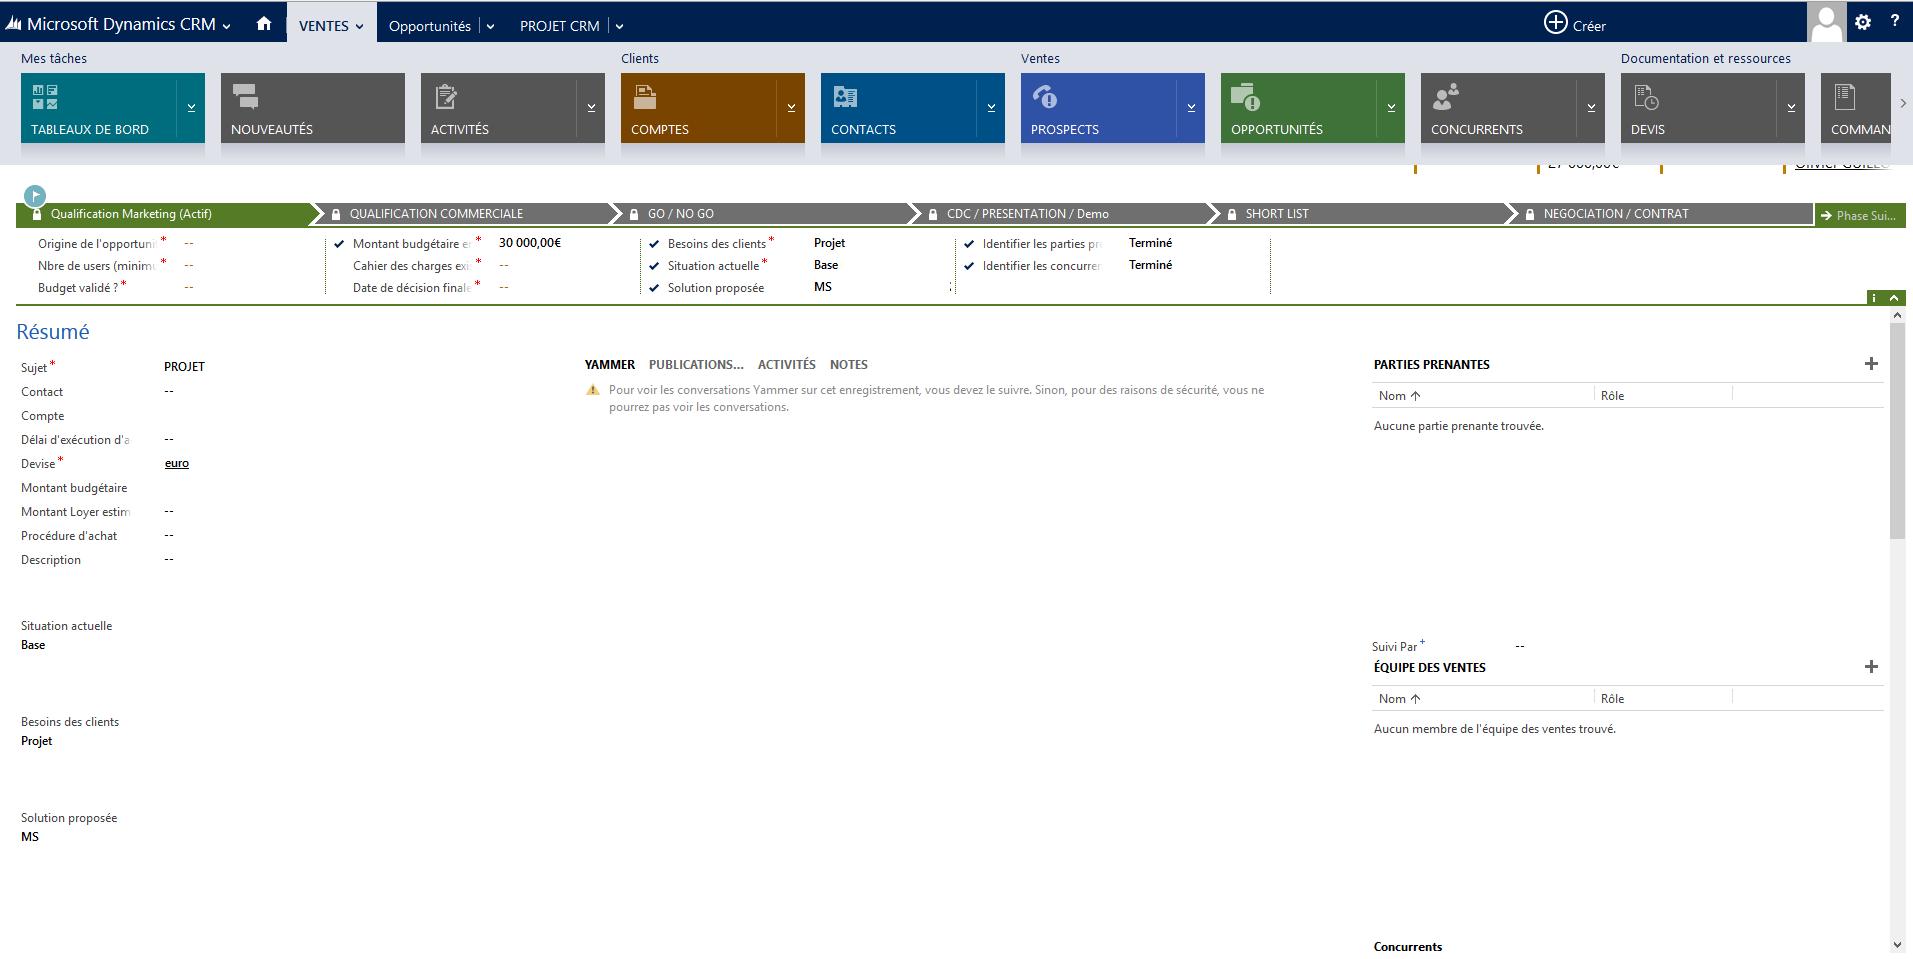 Microsoft Dynamics CRM: Contrat de niveau de service (SLA), Téléphone fixe, Application mobile